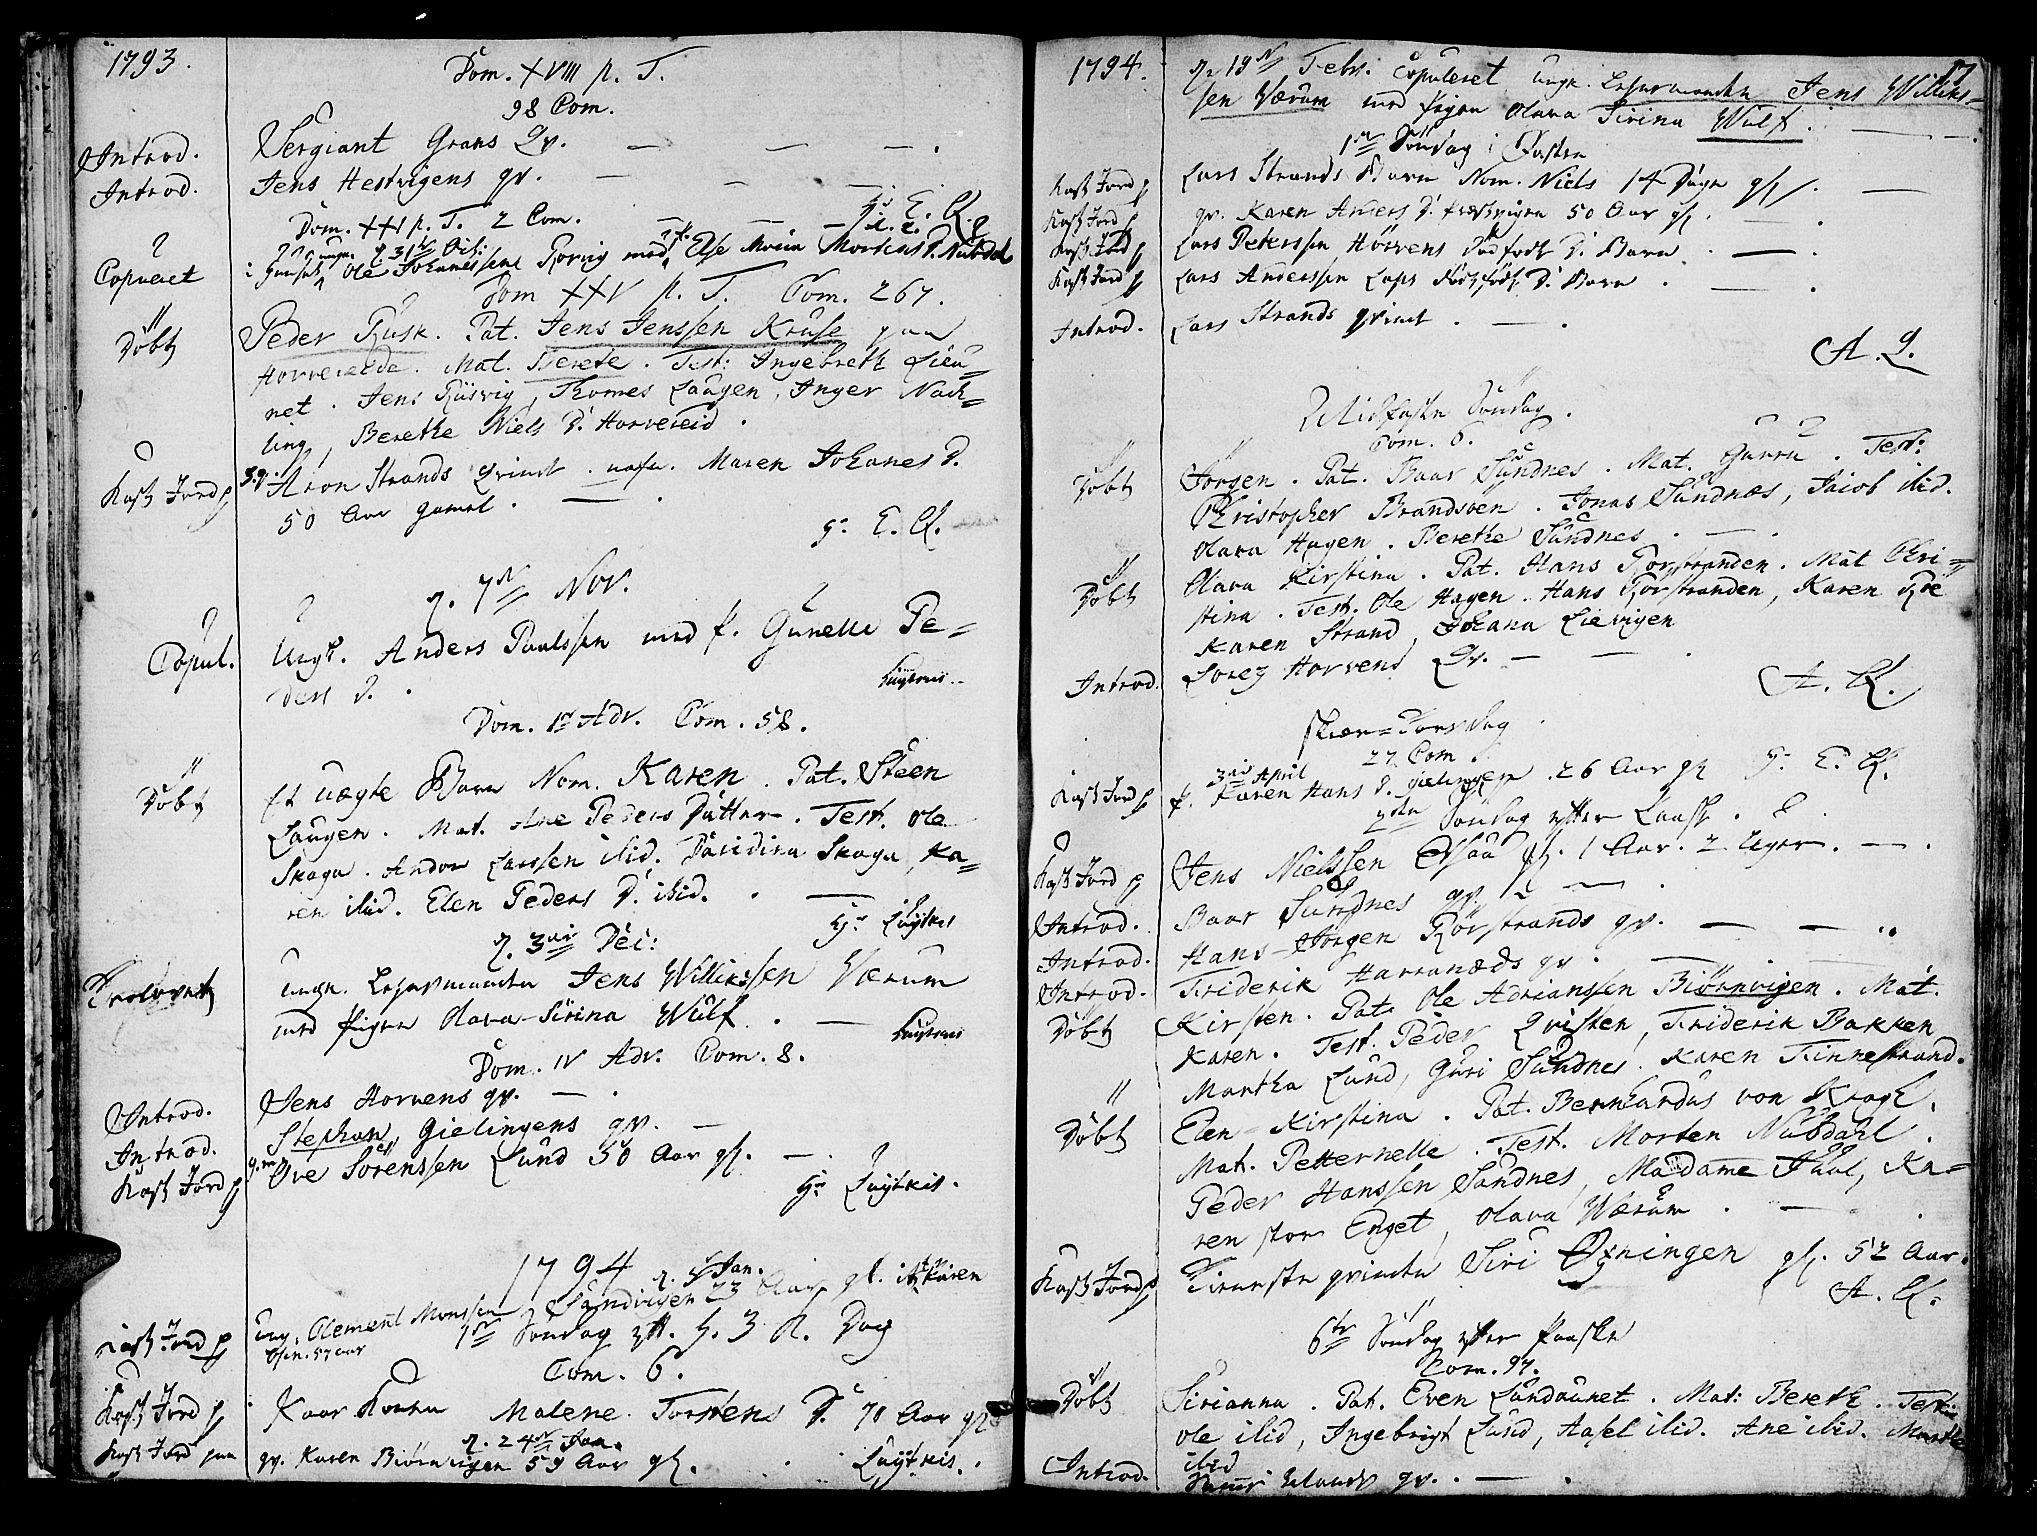 SAT, Ministerialprotokoller, klokkerbøker og fødselsregistre - Nord-Trøndelag, 780/L0633: Ministerialbok nr. 780A02 /1, 1787-1814, s. 17